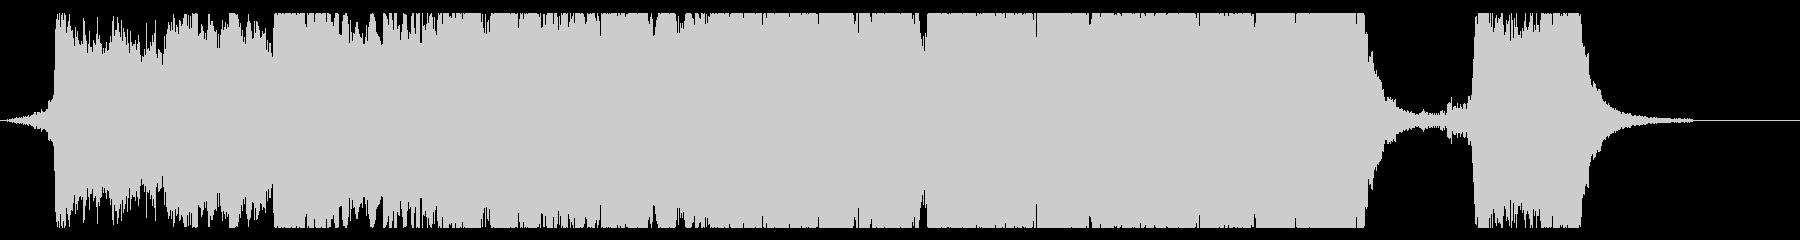 ハリウッド映画風の壮大なオーケストラ5Cの未再生の波形